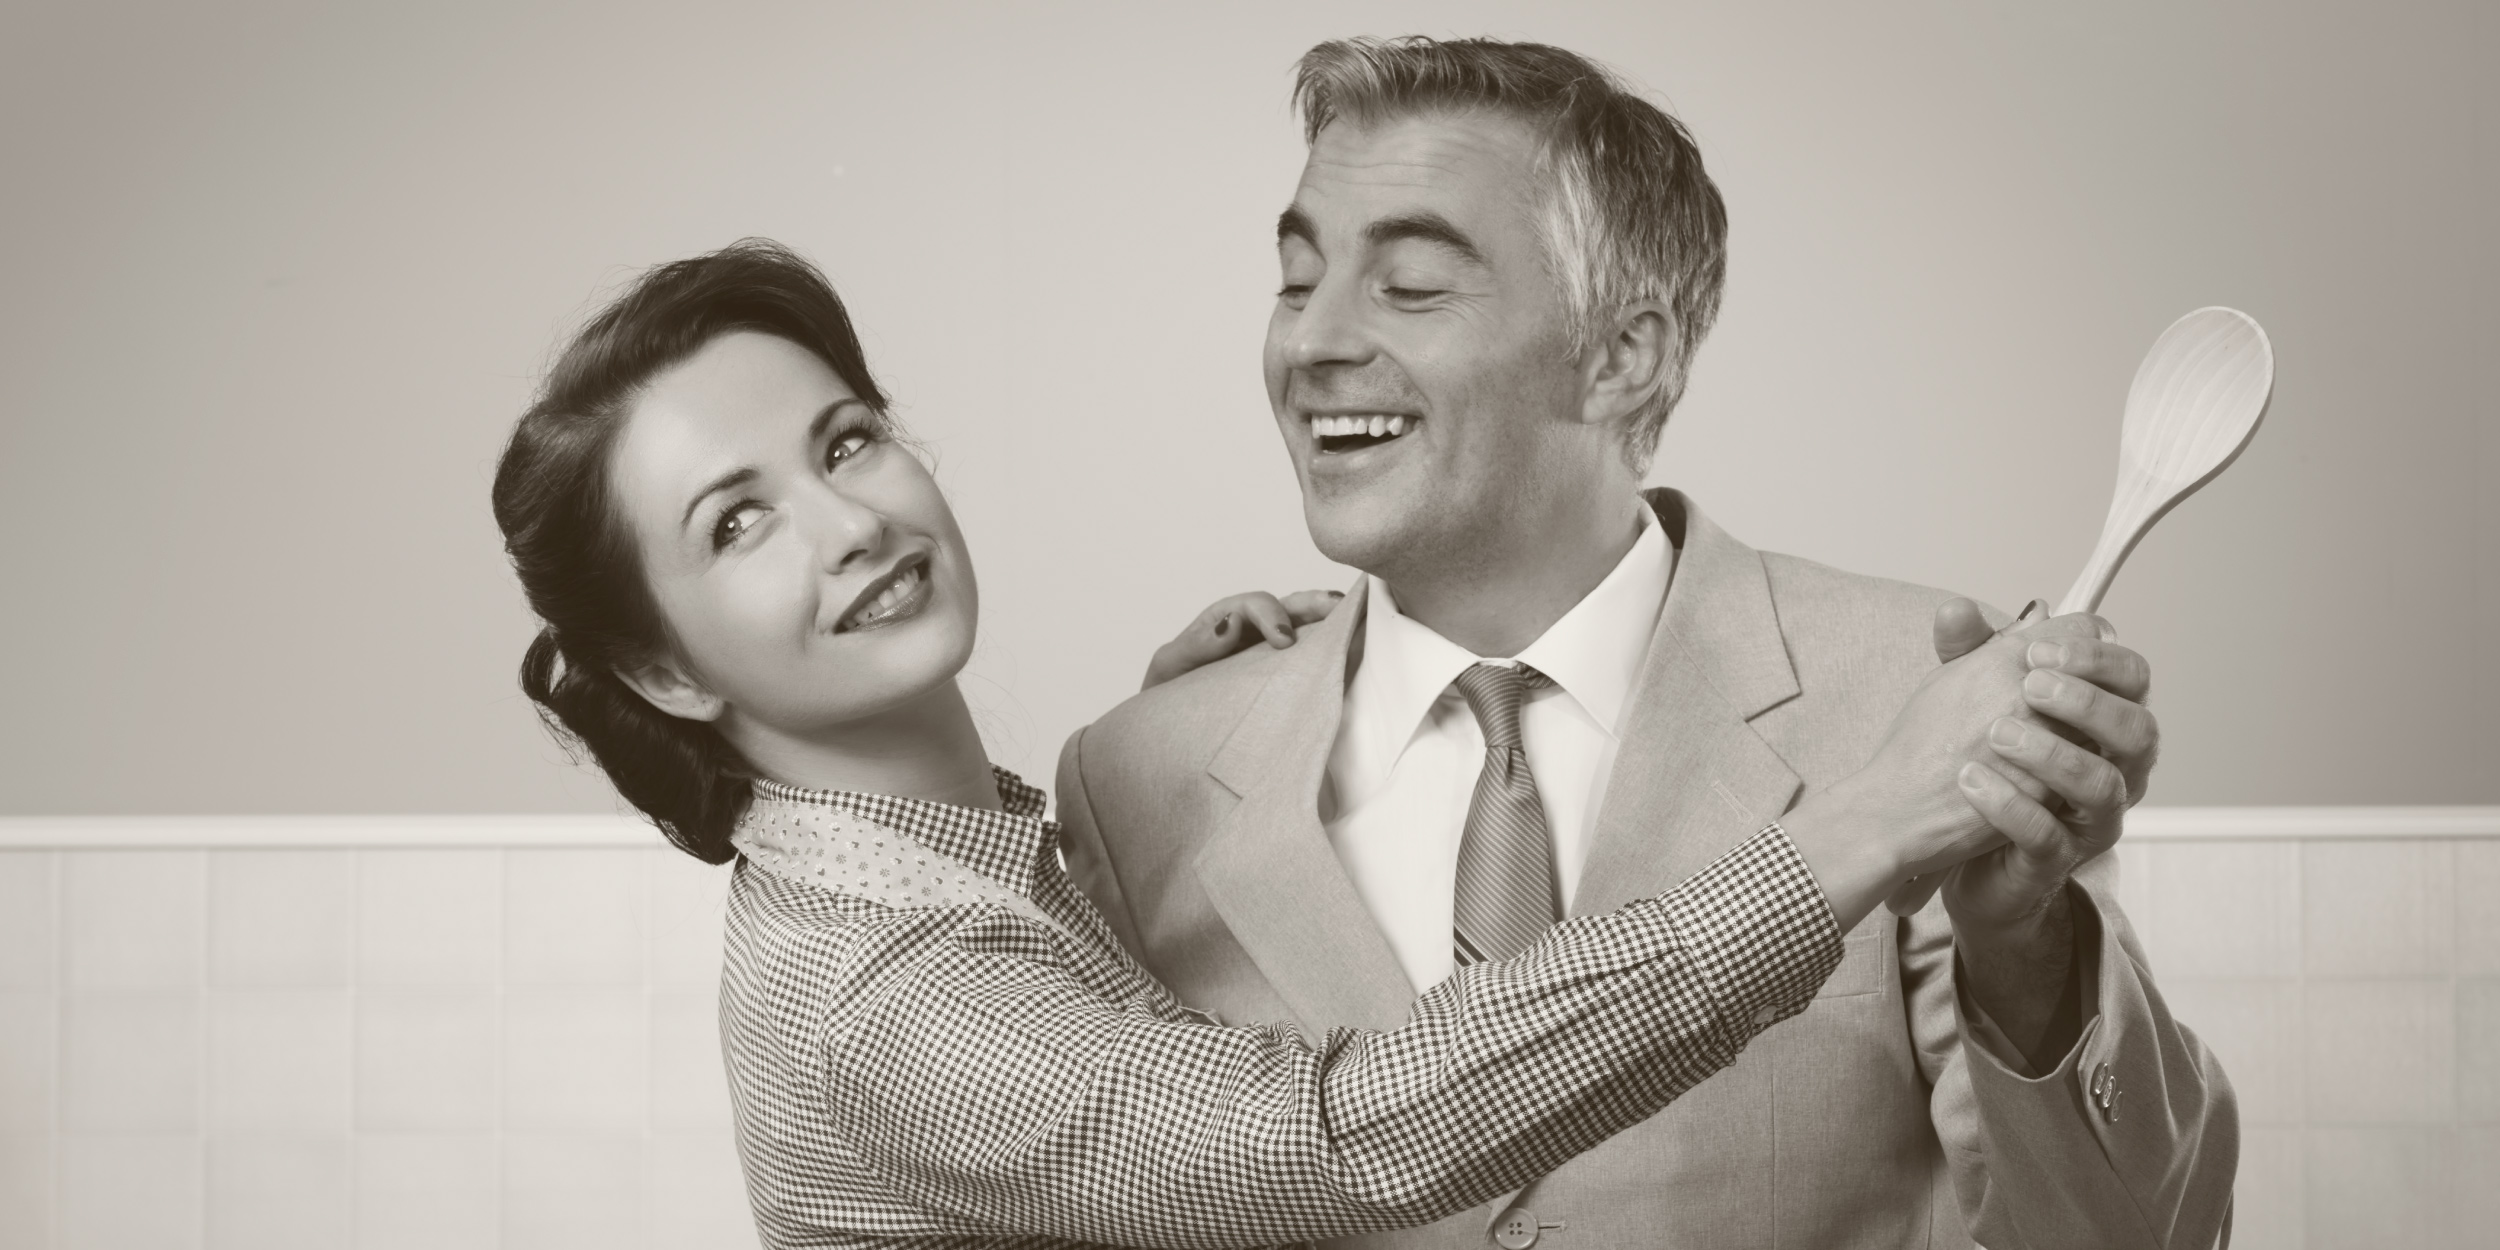 Долго и счастливо: как не позволить быту разрушить ваши отношения